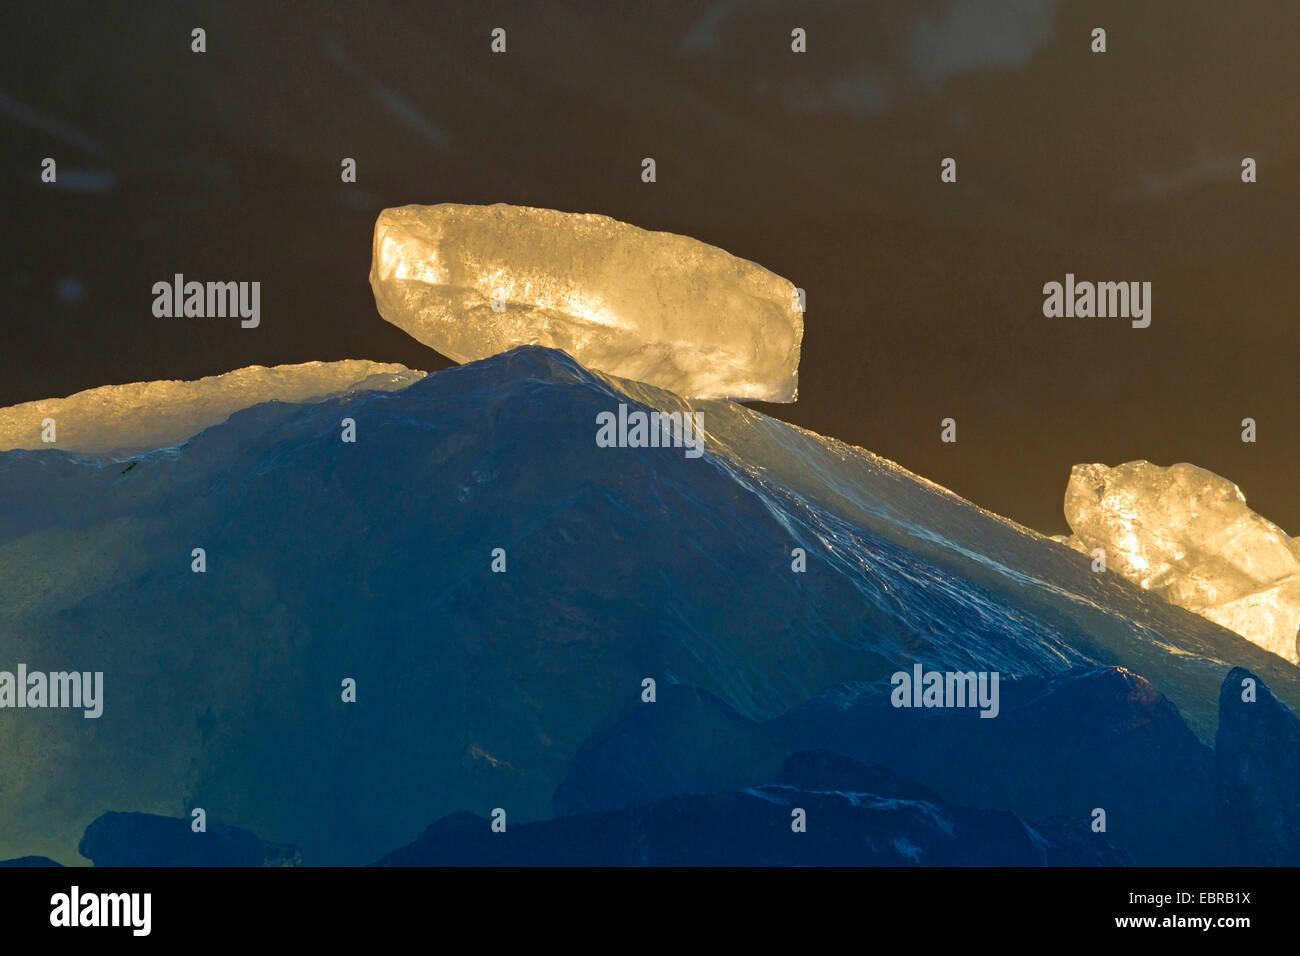 Eisblock Glühen in der Abendsonne, Norwegen, Svalbard Stockbild